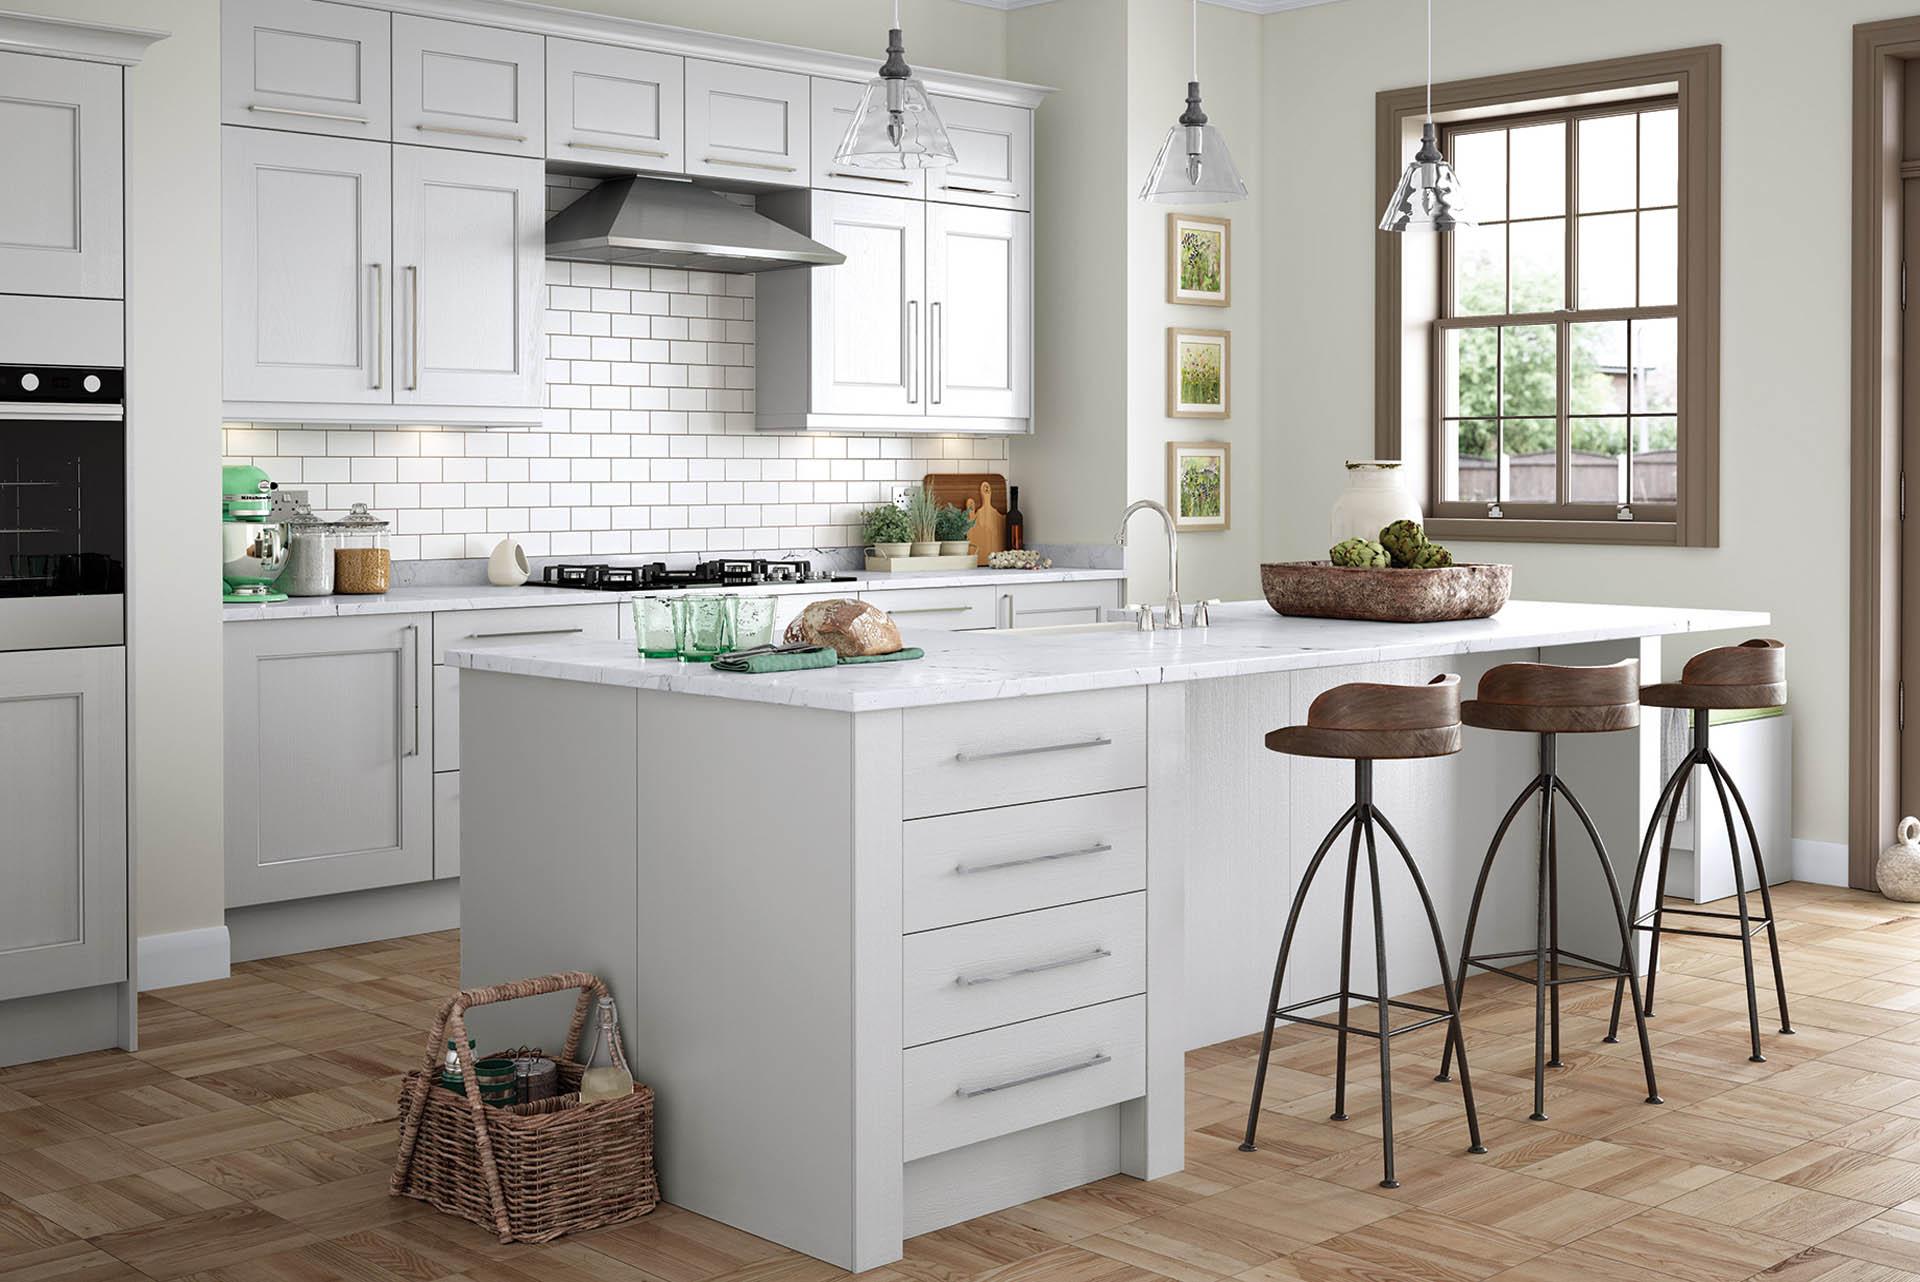 Uform Kitchens - Purple Kitchens Maghull, Kitchen Stori, Liverpool ...